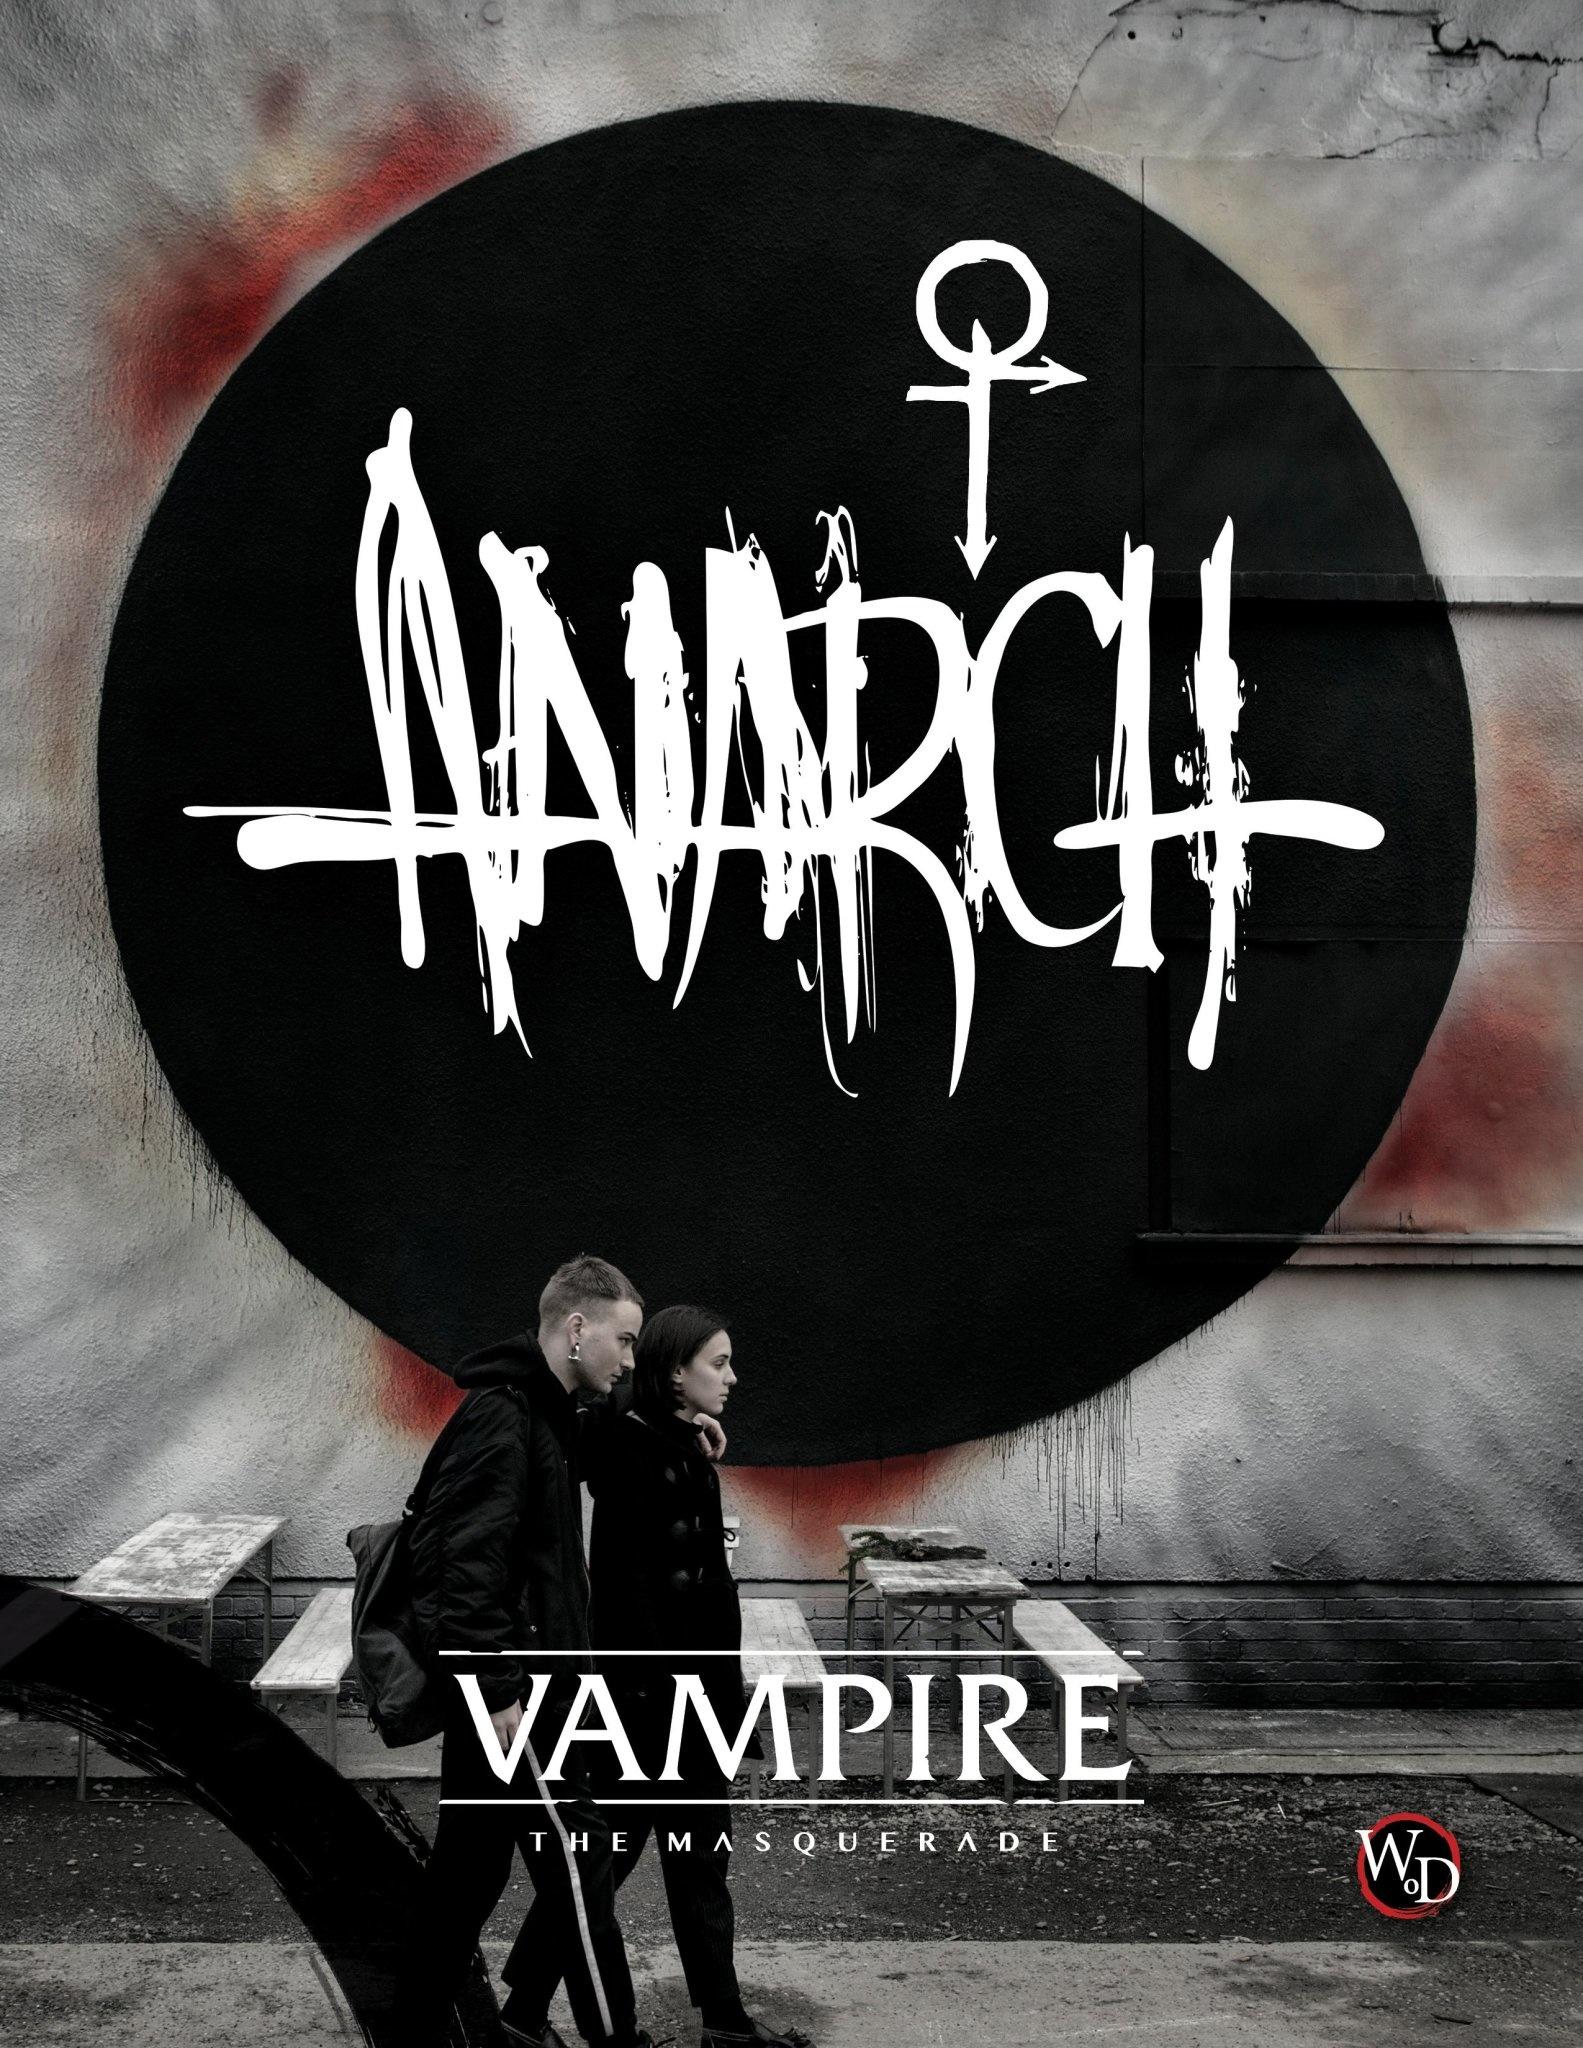 Vampire the Masquerade - Anarch